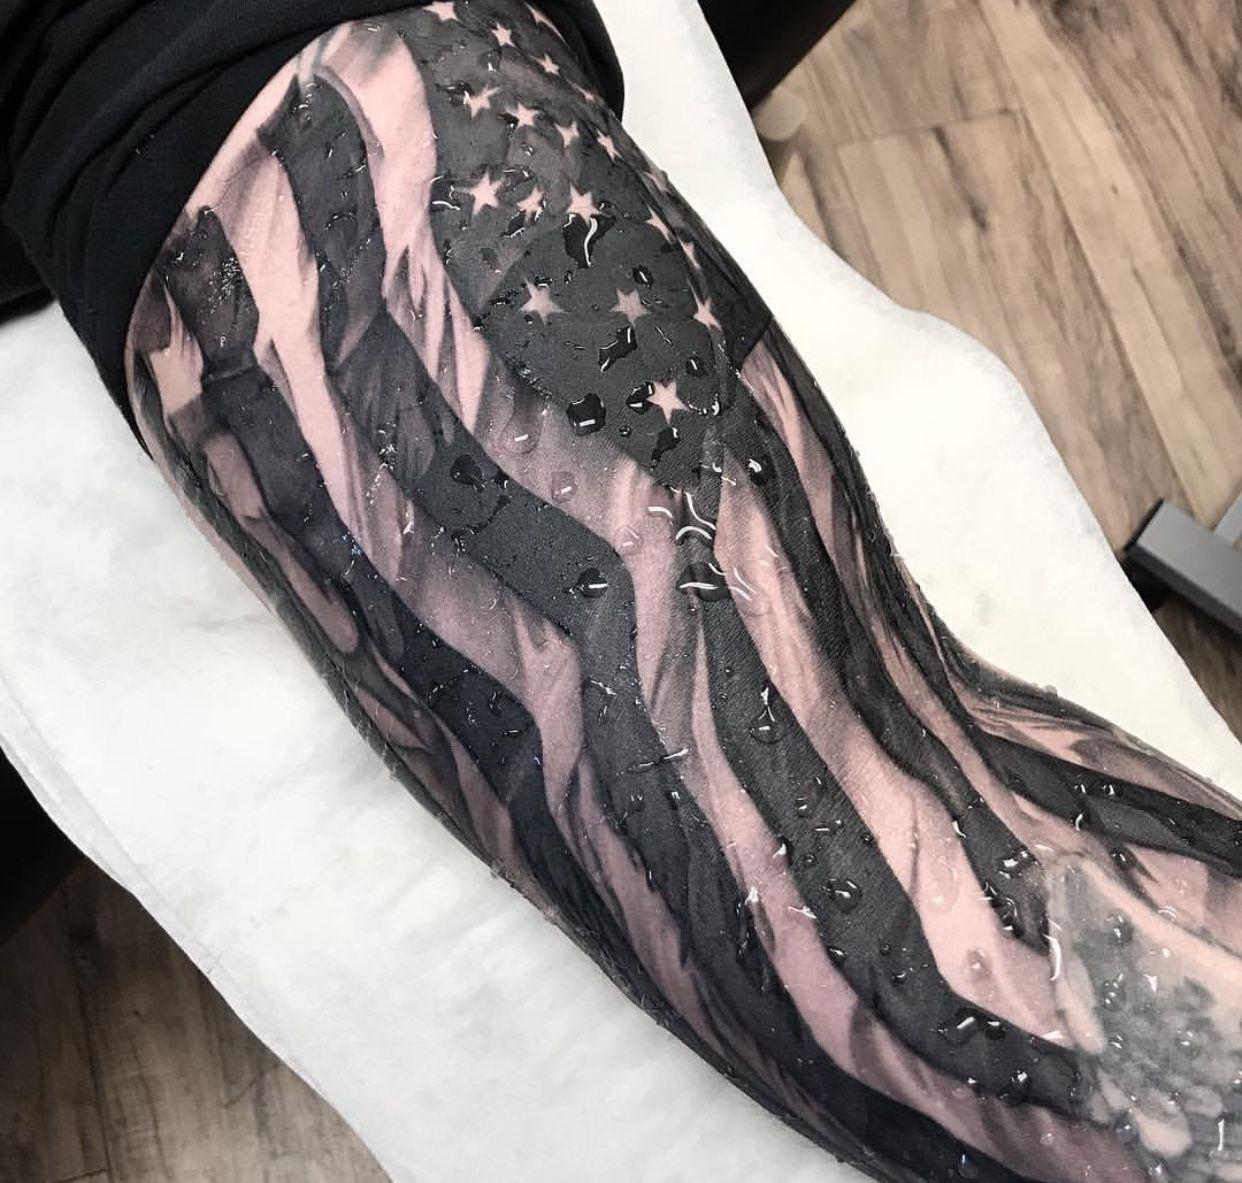 Black and white american flag black sleeve tattoo full